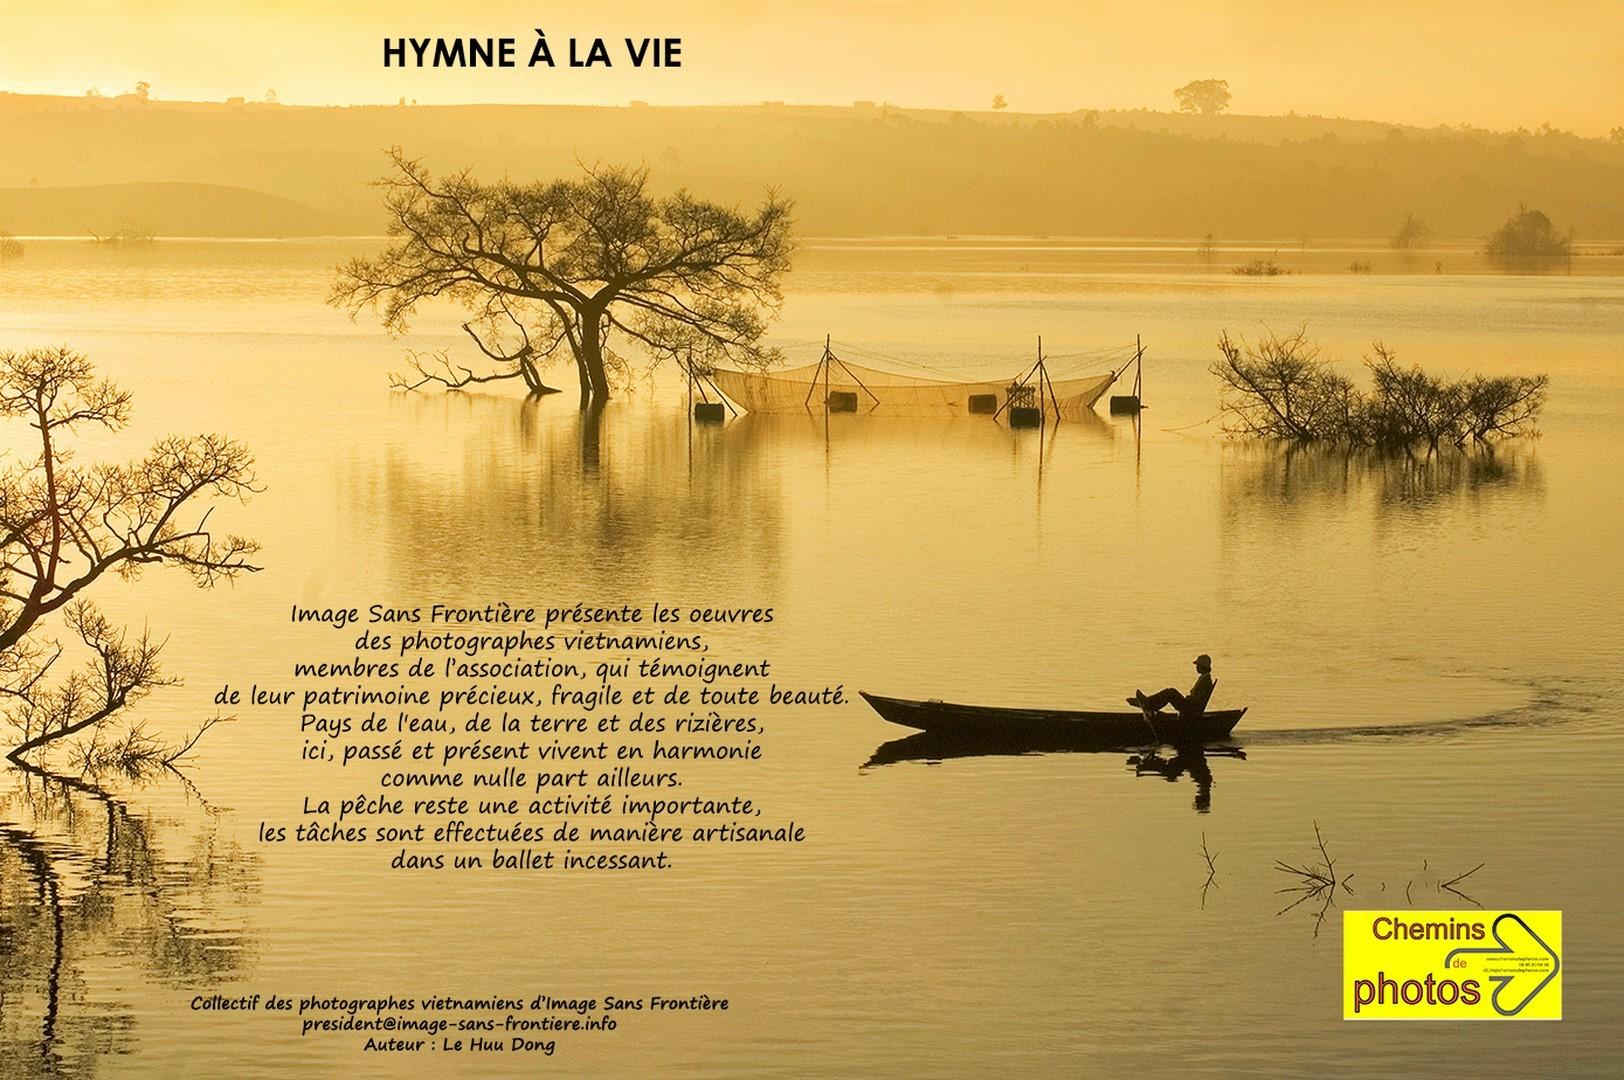 1 hymne a la vie le huu dung presentation web copier